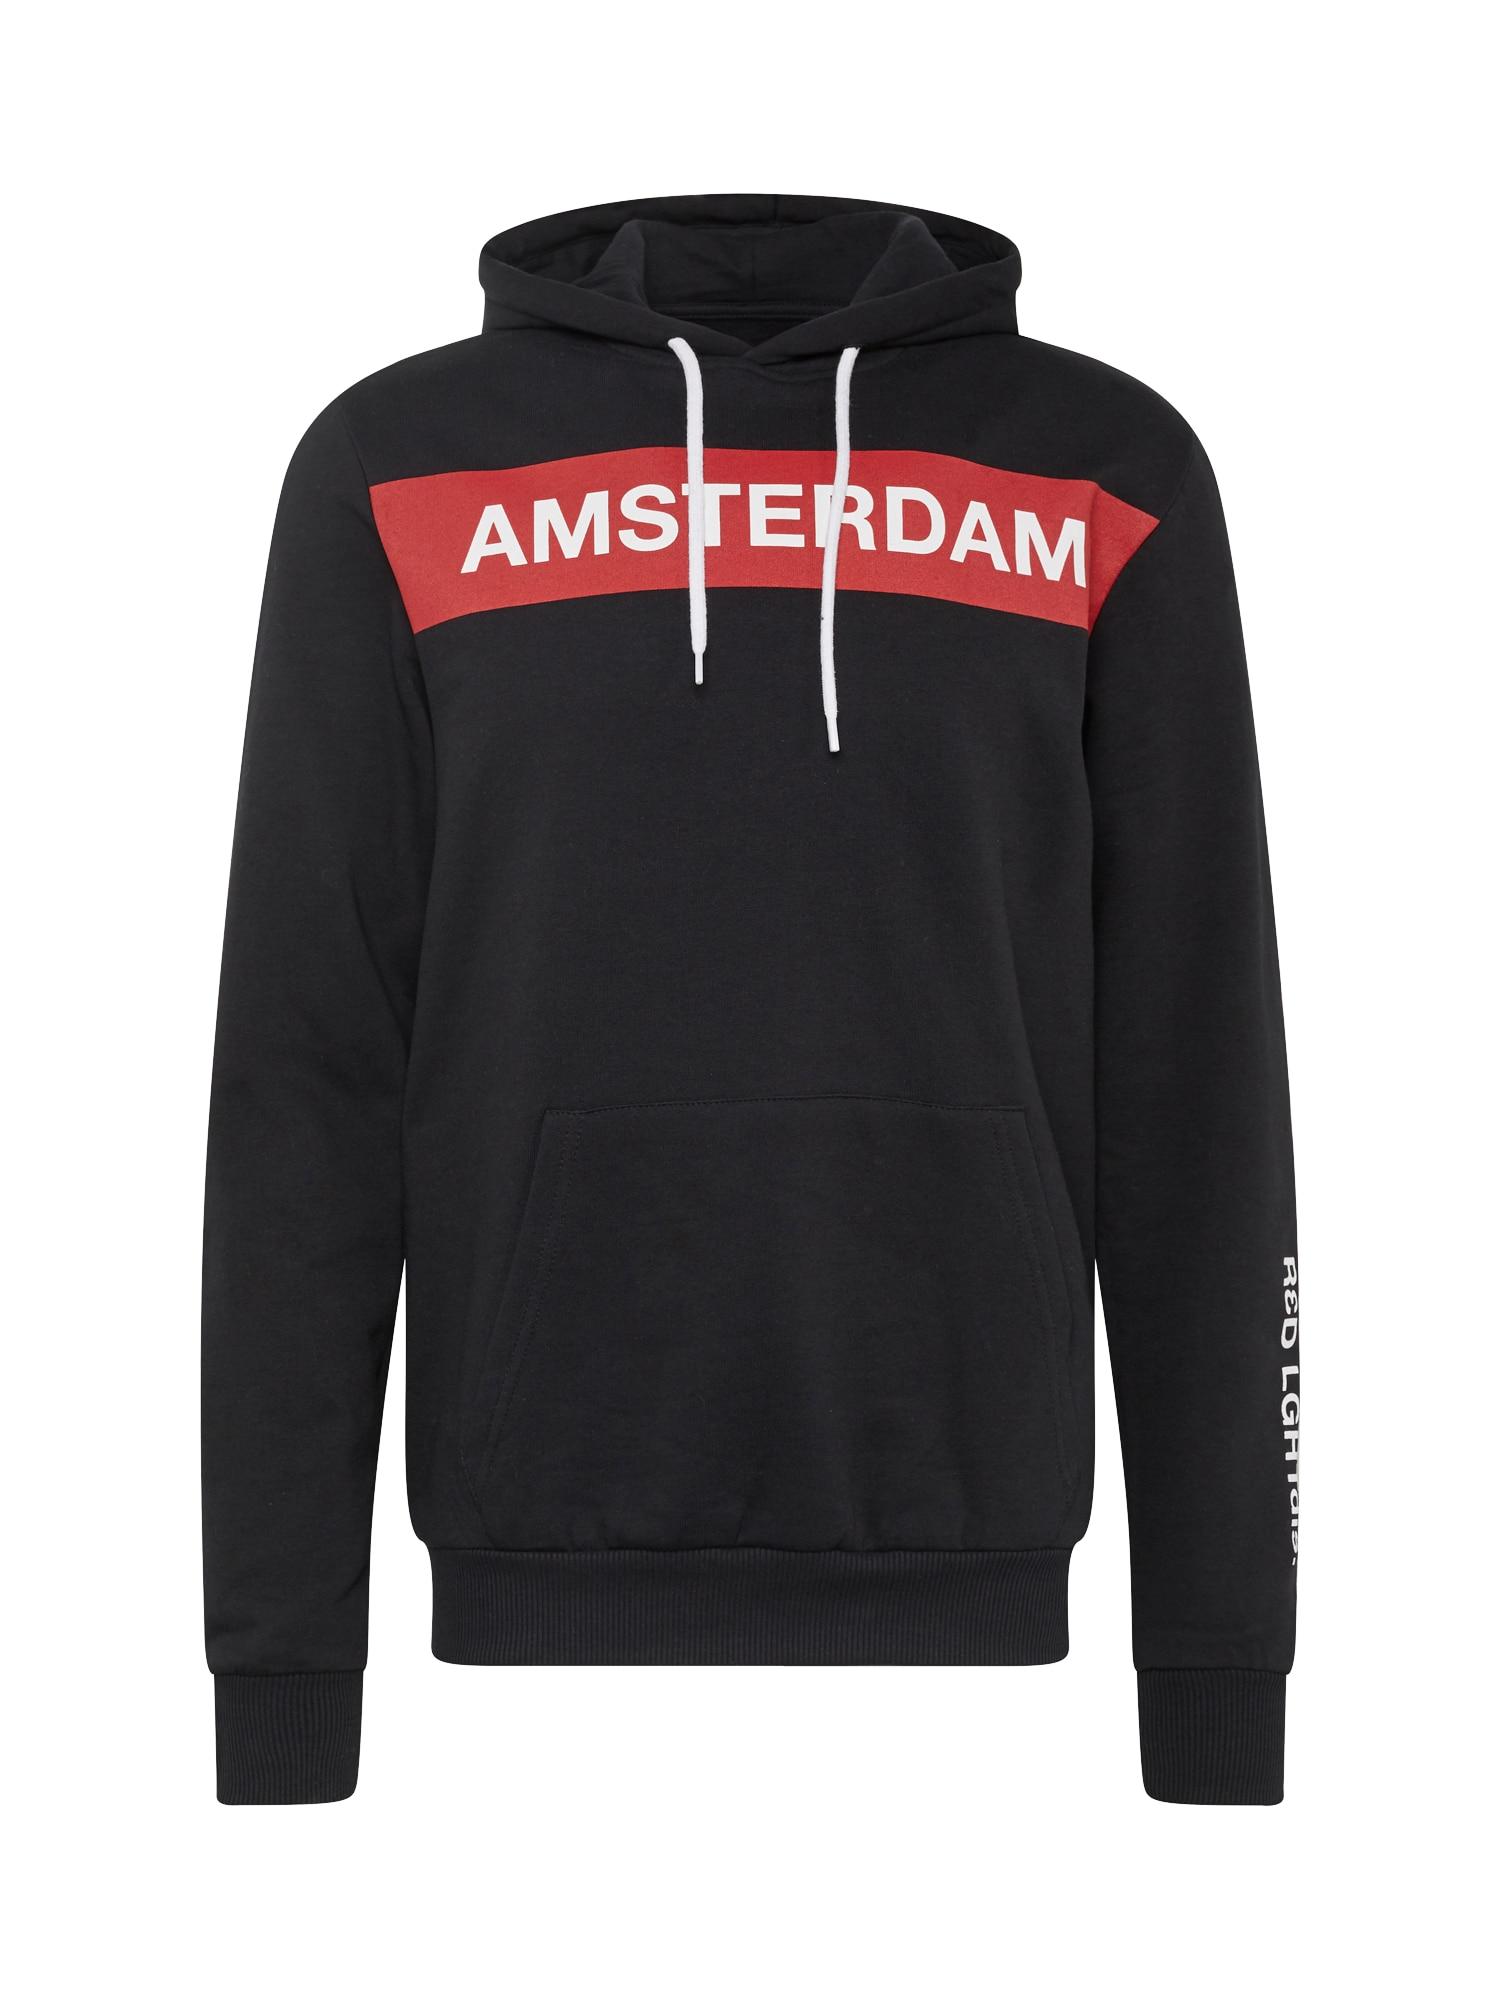 Mikina s kapucí AMSTERDAM červená černá bílá YOURTURN